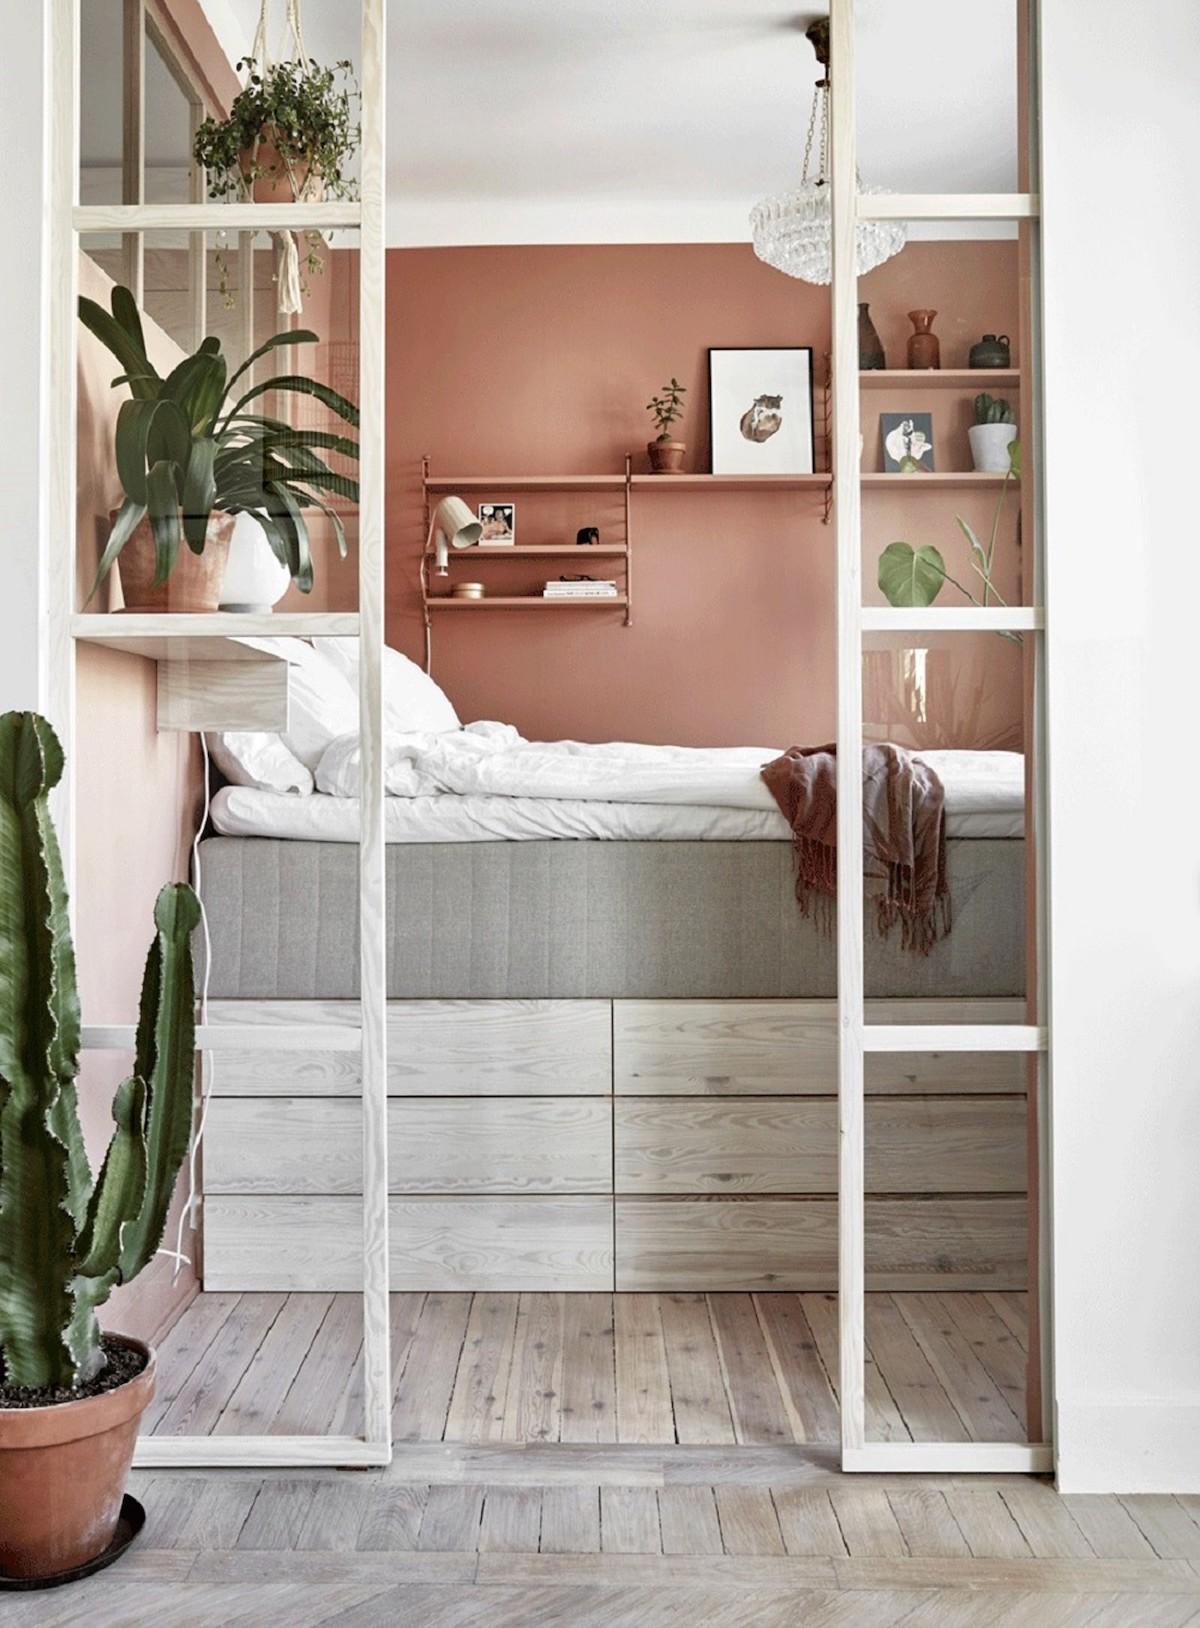 chambre moderne porte vitrée déco cactus mur terracotta